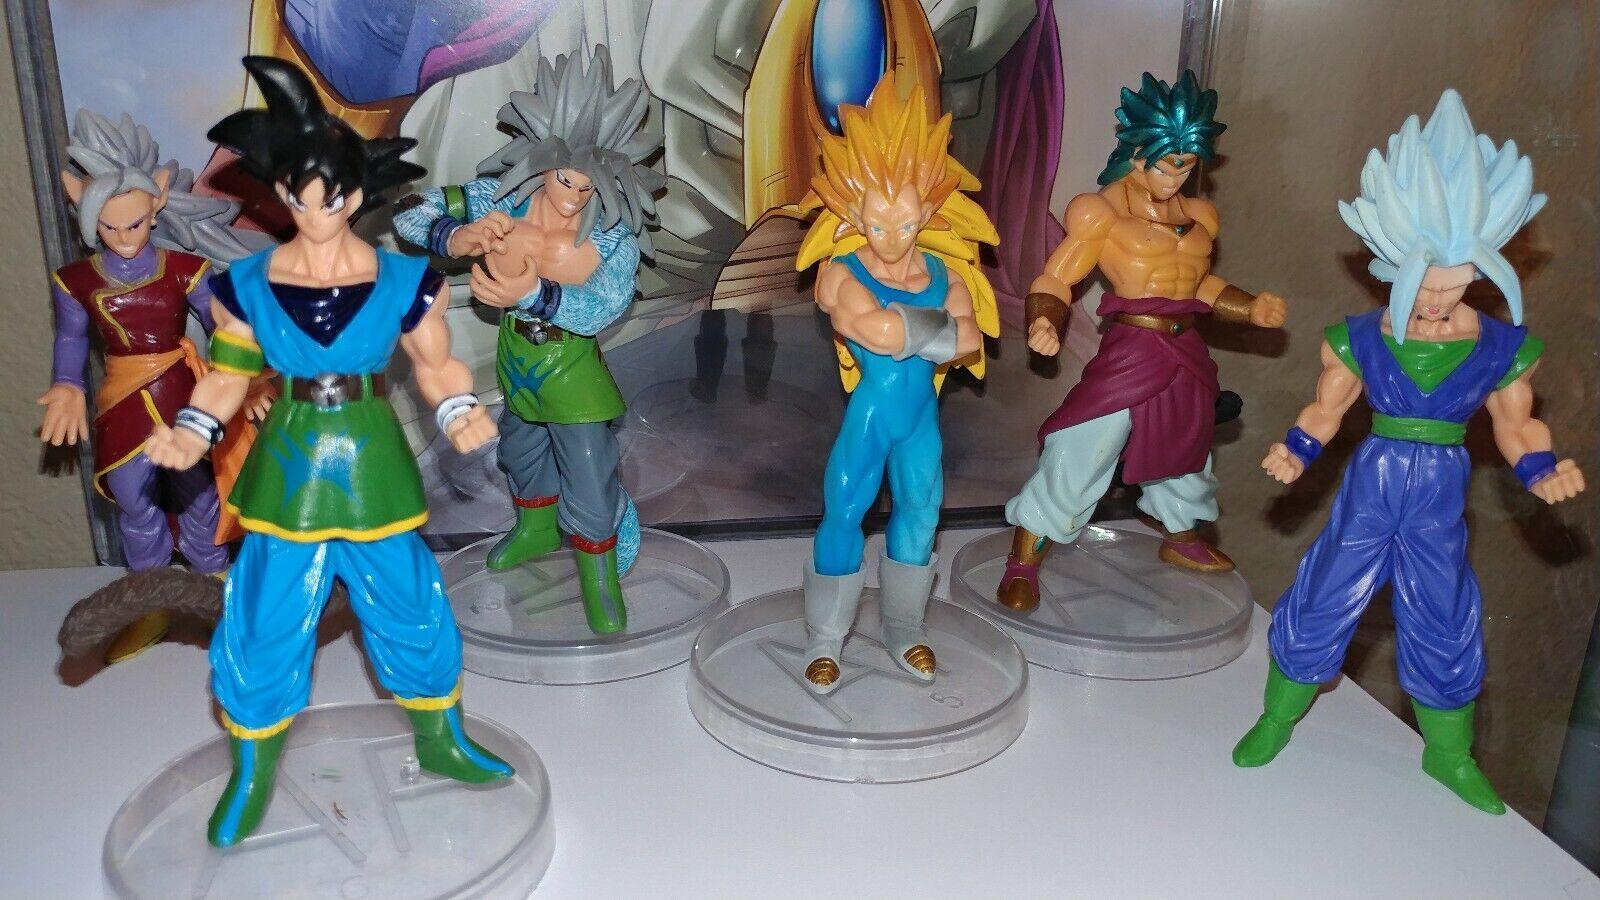 giocattoloble  Dragon Btutti AF  DBAF  Super Saiyan 5 Goku  Zicor  azione cifras 5